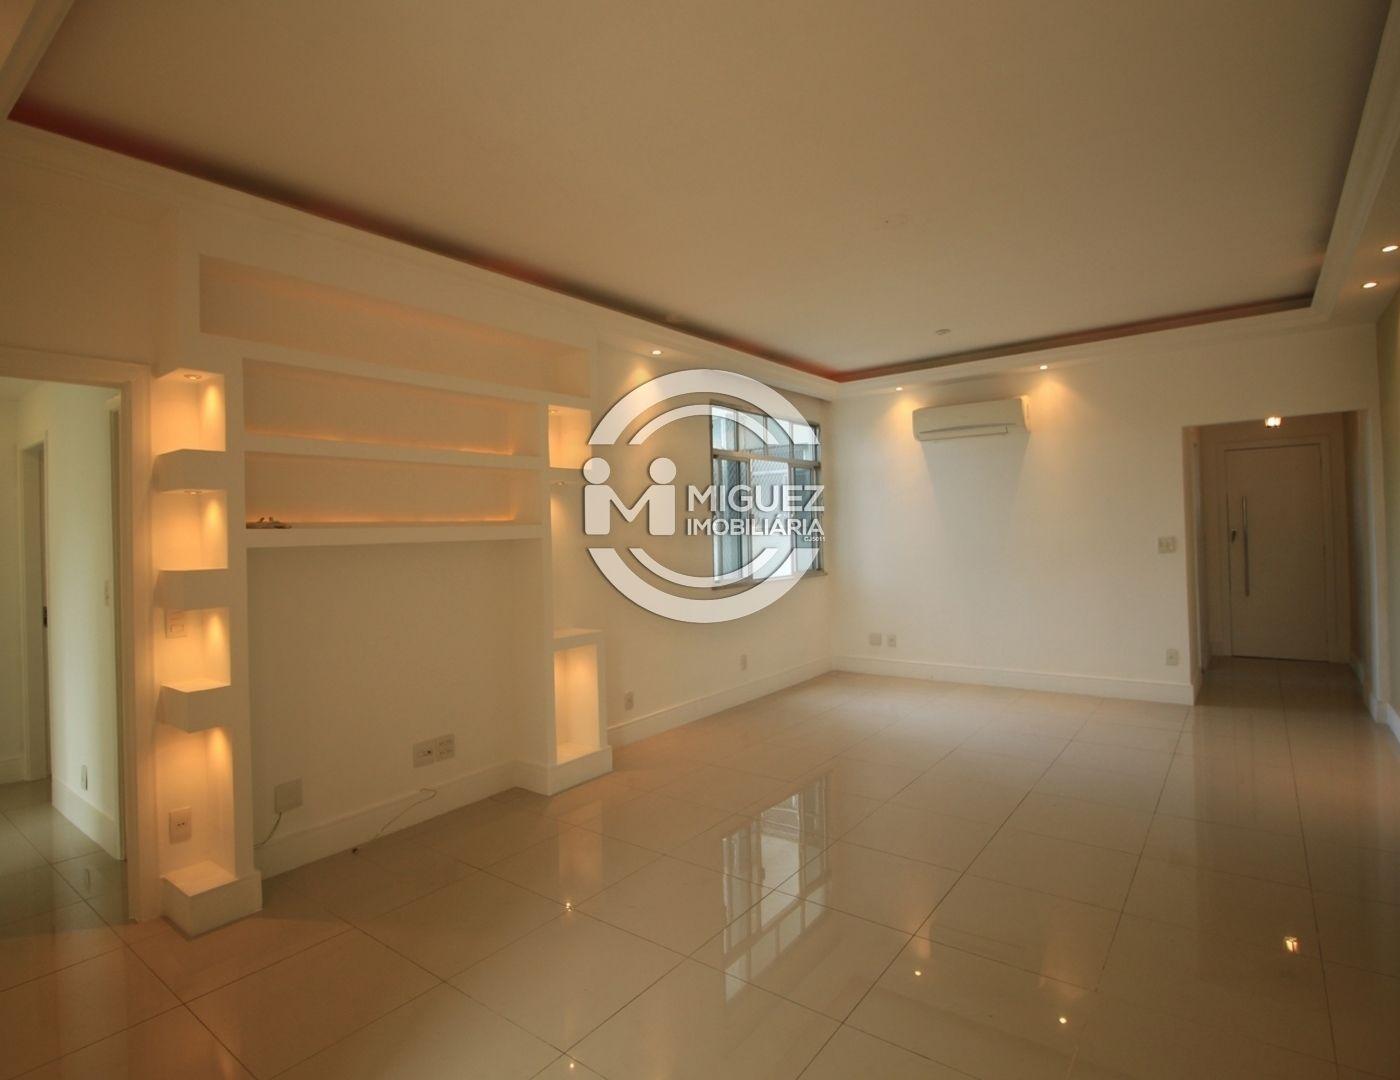 Apartamento, venda, Avenida Engenheiro Richard - Grajaú , Rio de janeiro